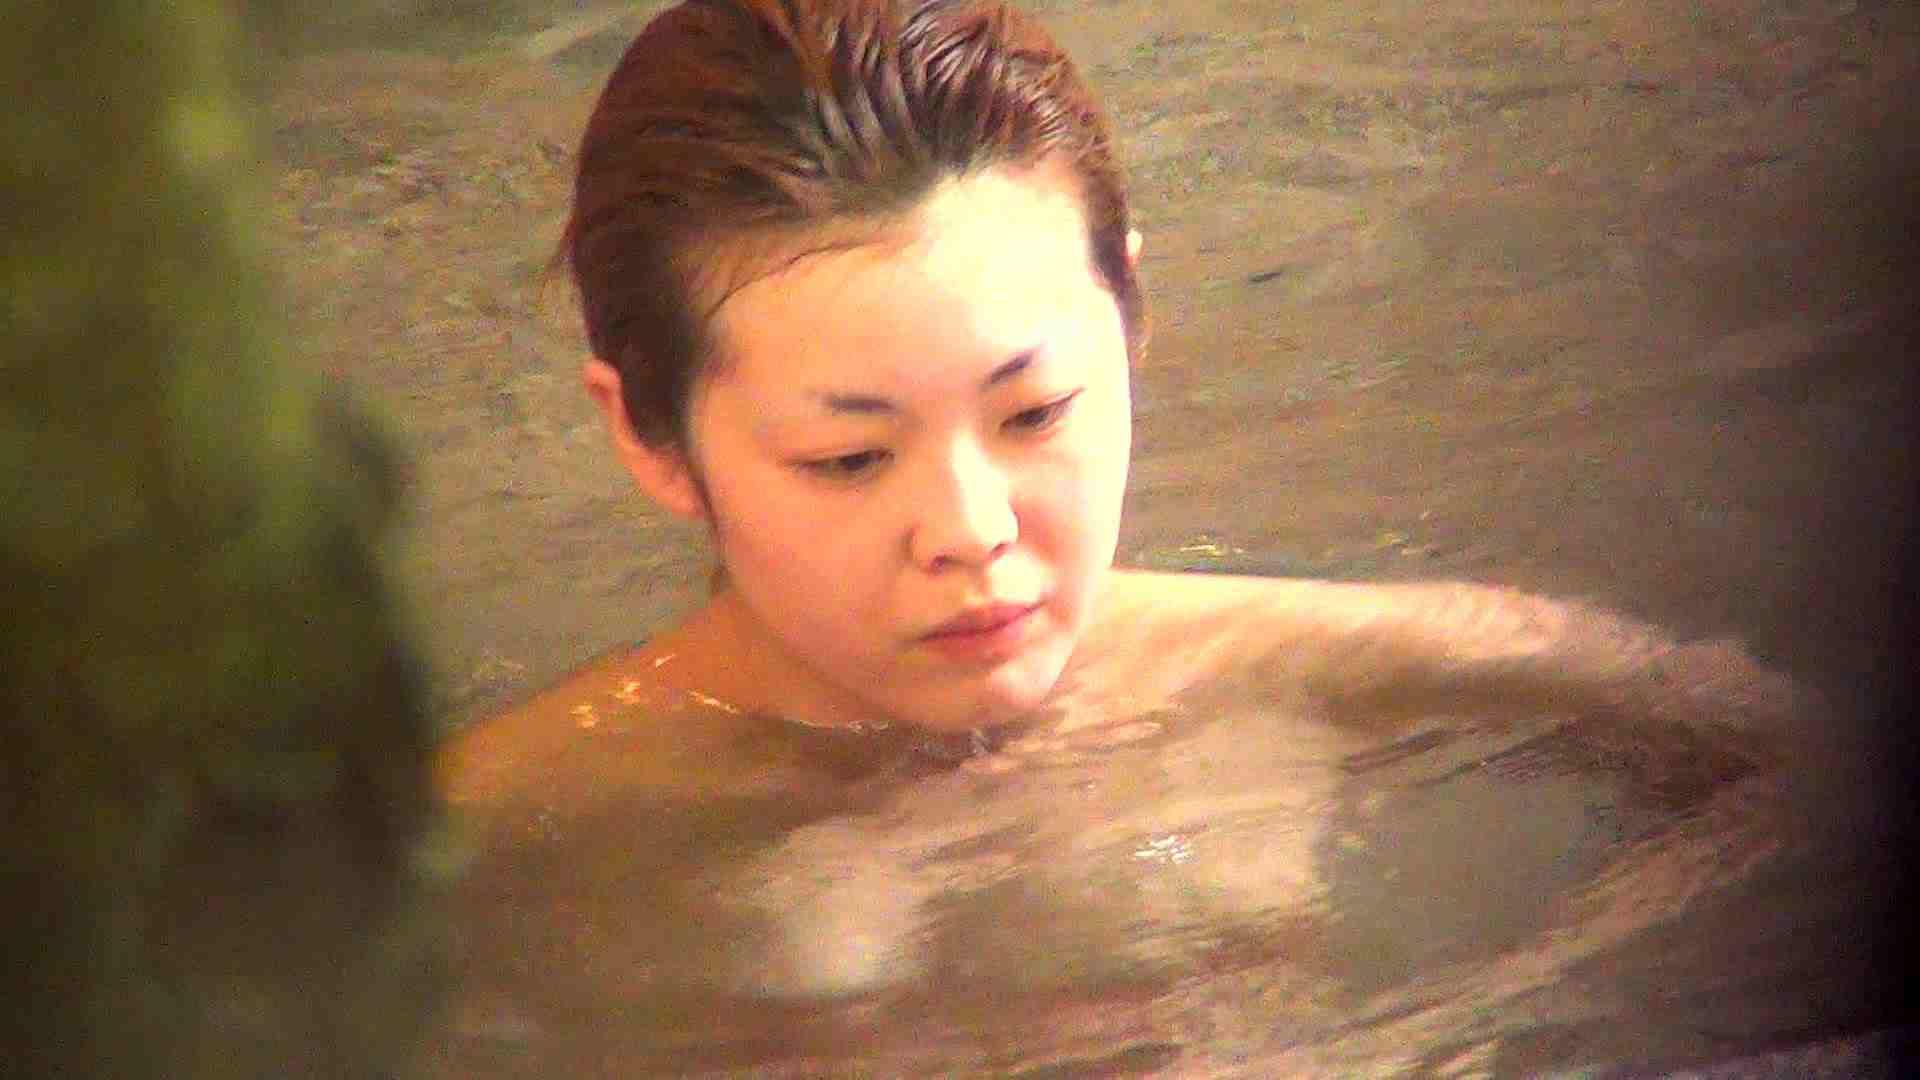 Aquaな露天風呂Vol.288 盗撮シリーズ  79PIX 78